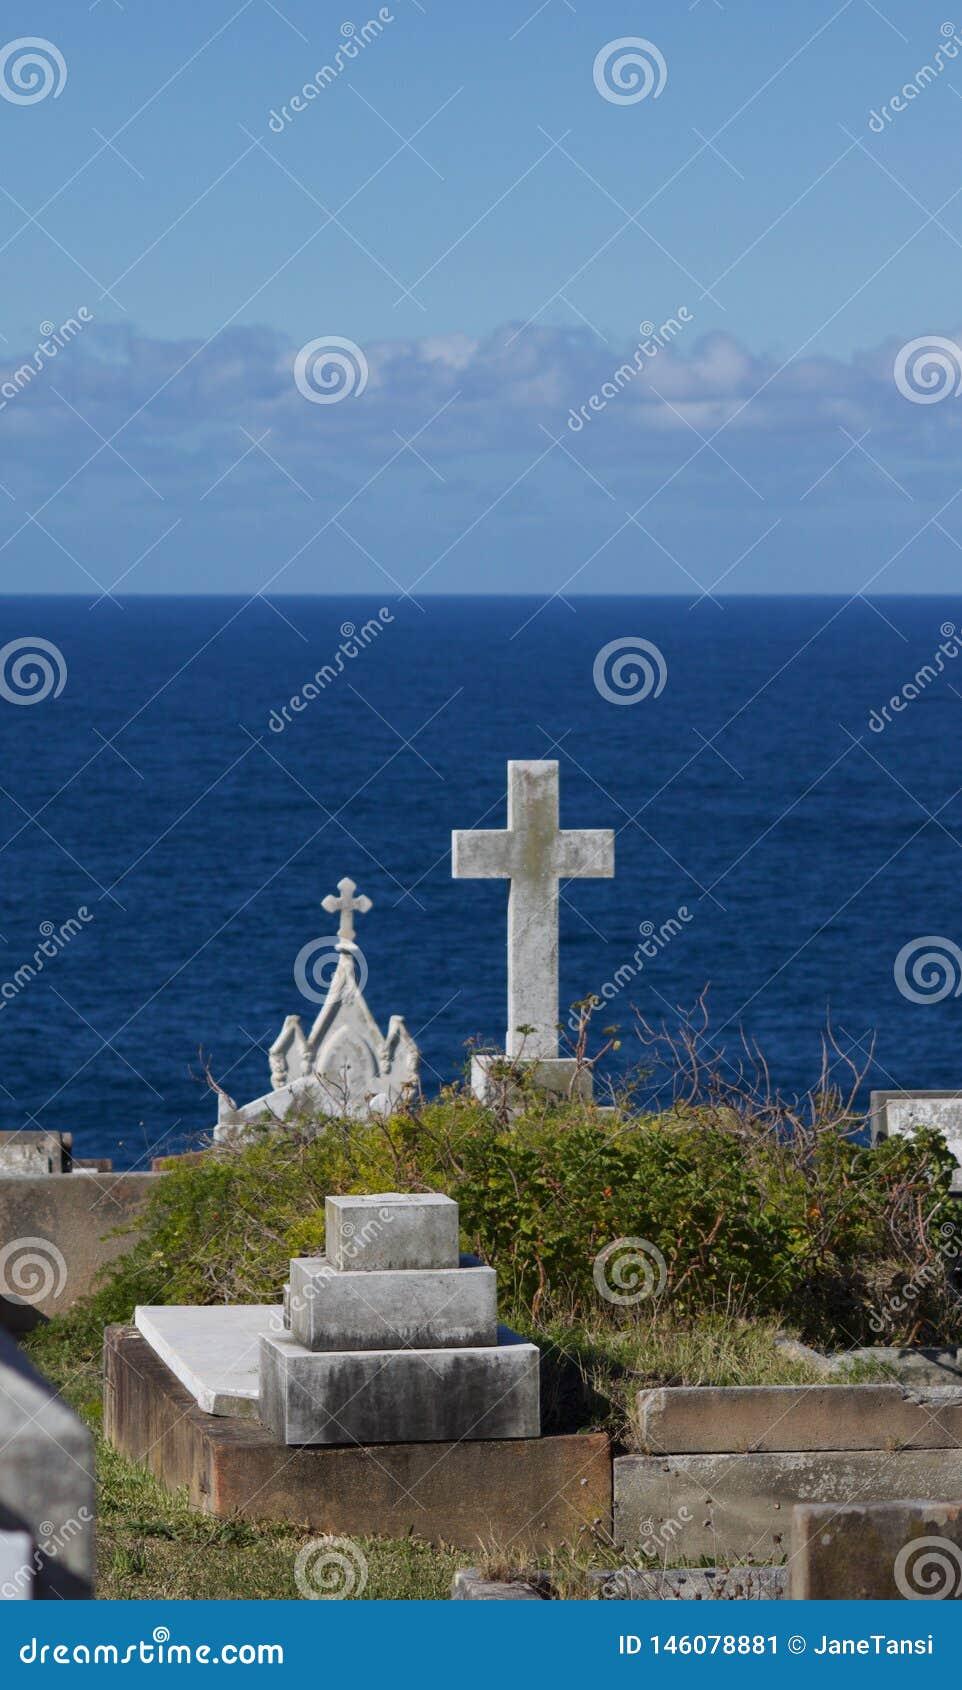 Άποψη της θάλασσας από το νεκροταφείο Waverley στη Νότια Νέα Ουαλία Αυστραλία